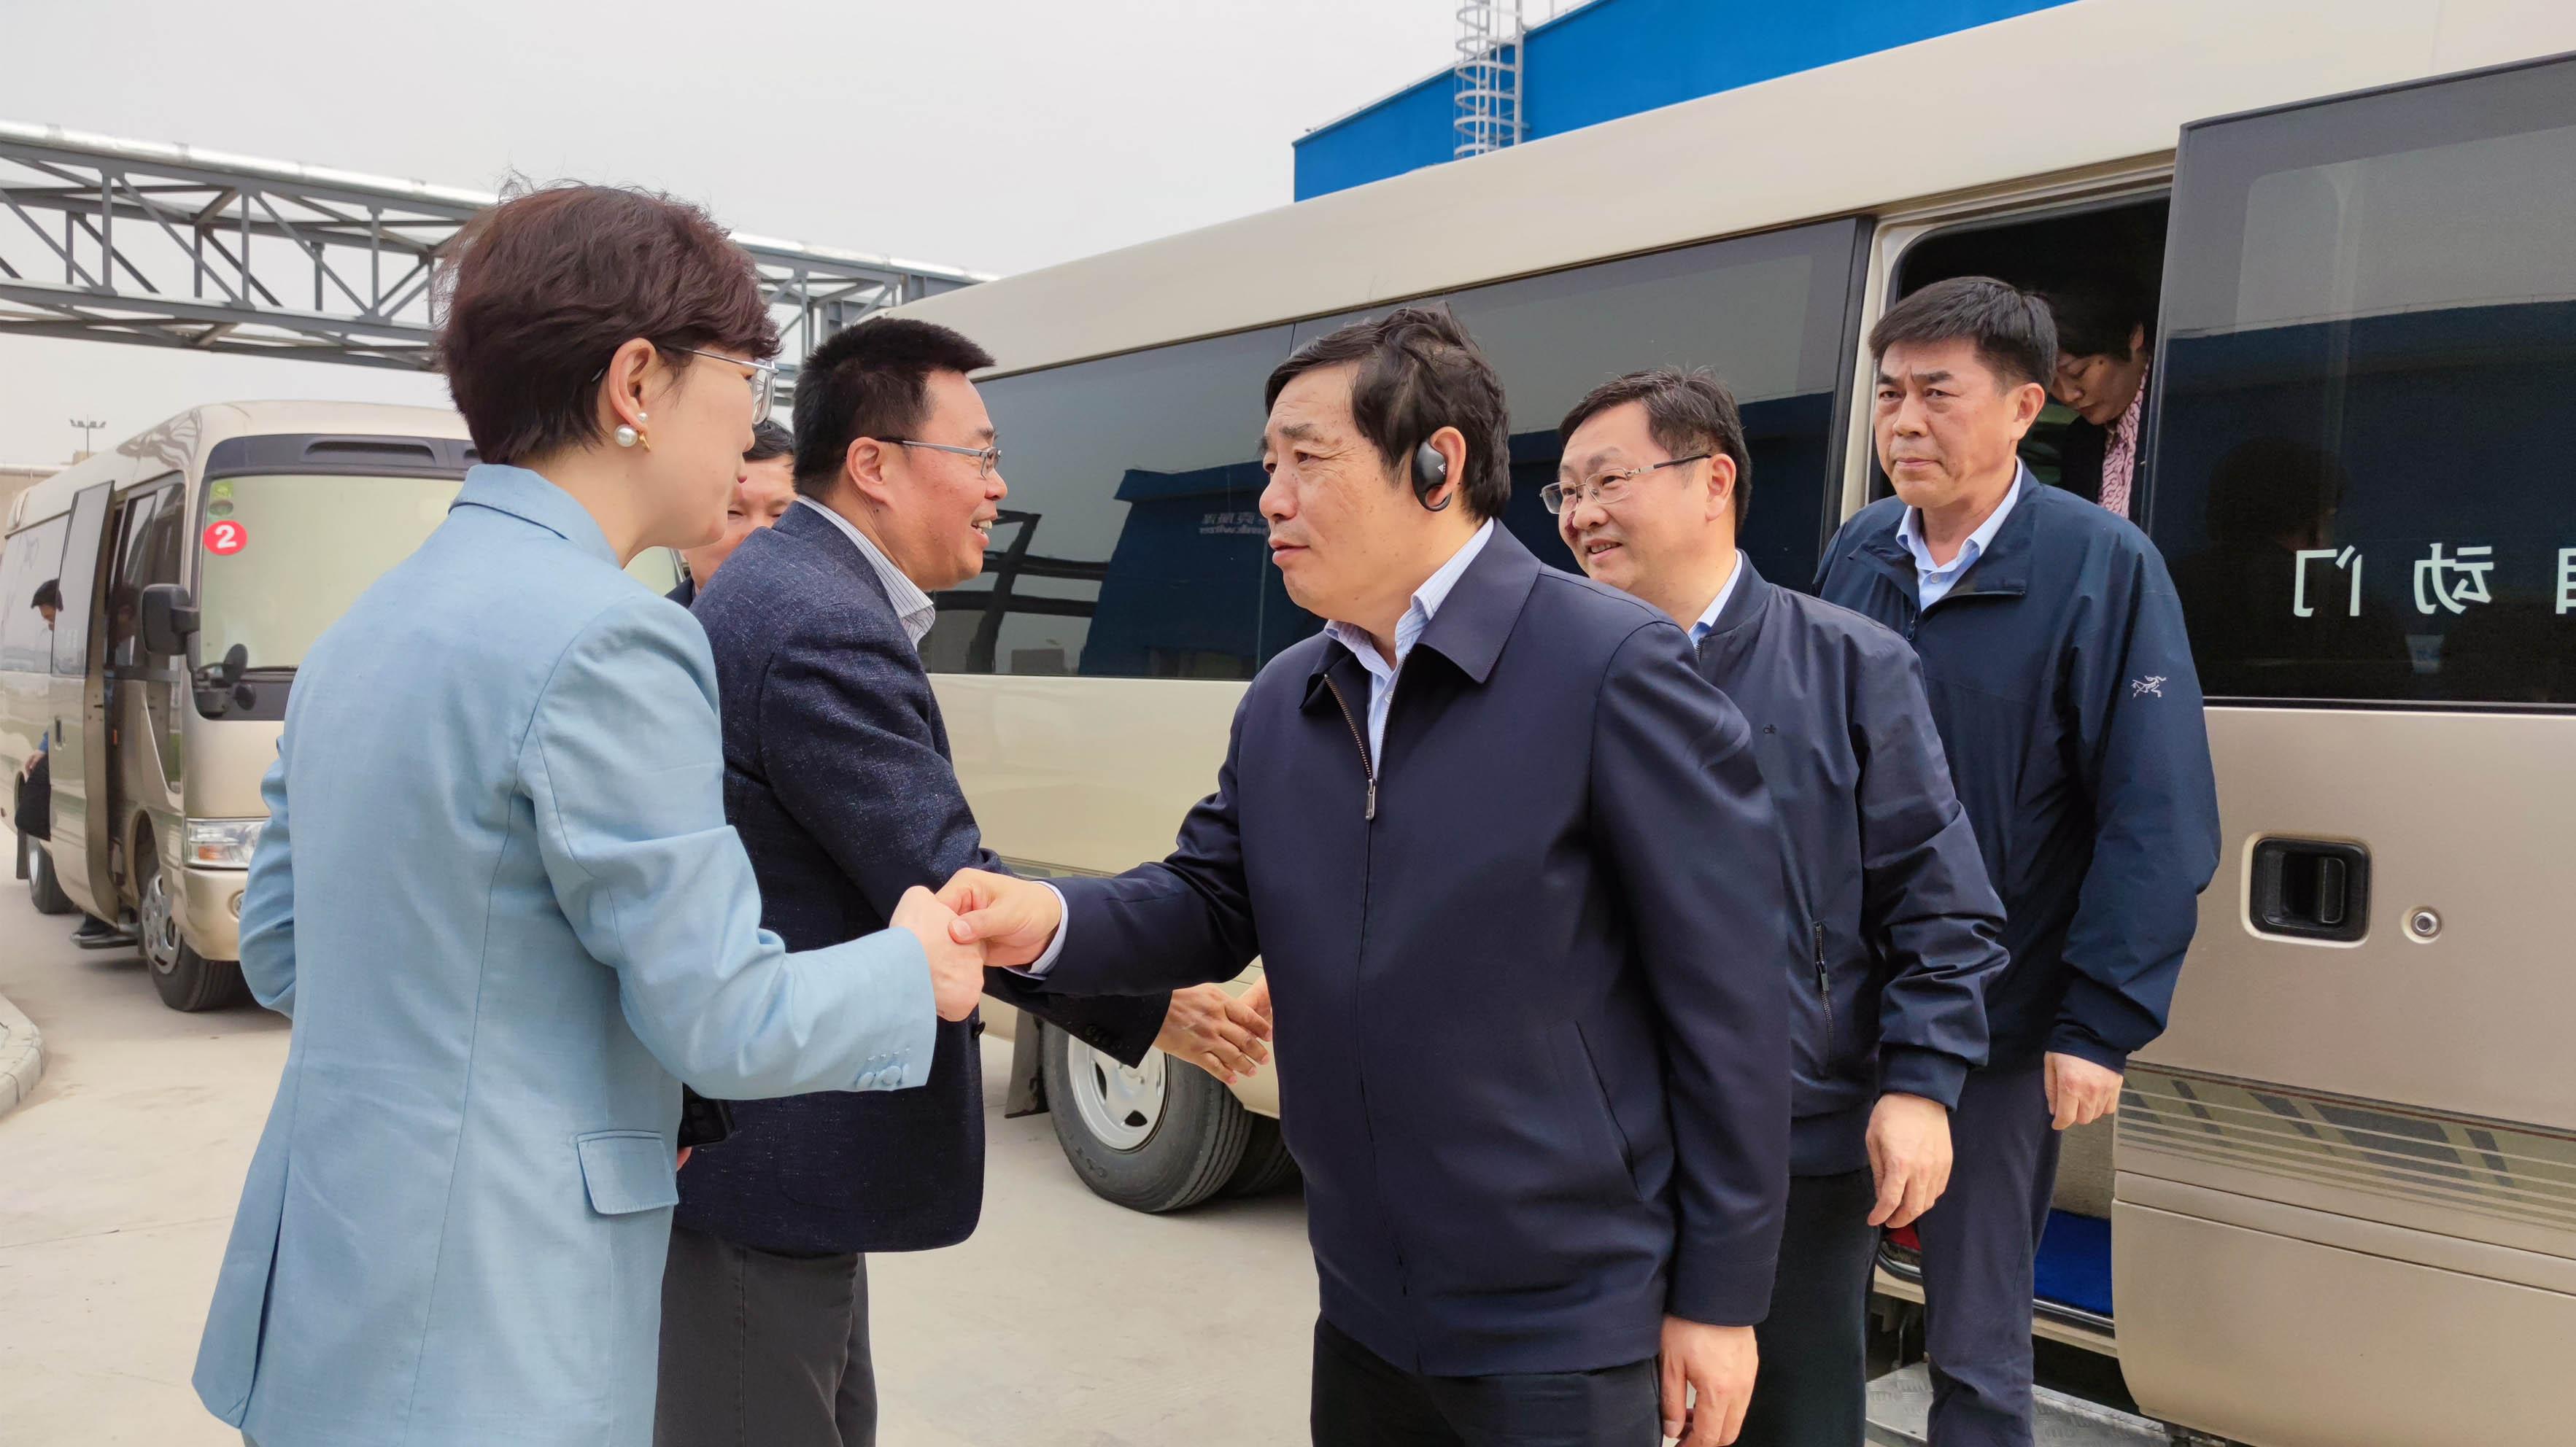 滁州市领导考察全椒西甲直播表威泽工业西甲直播在线直播观看有限公司